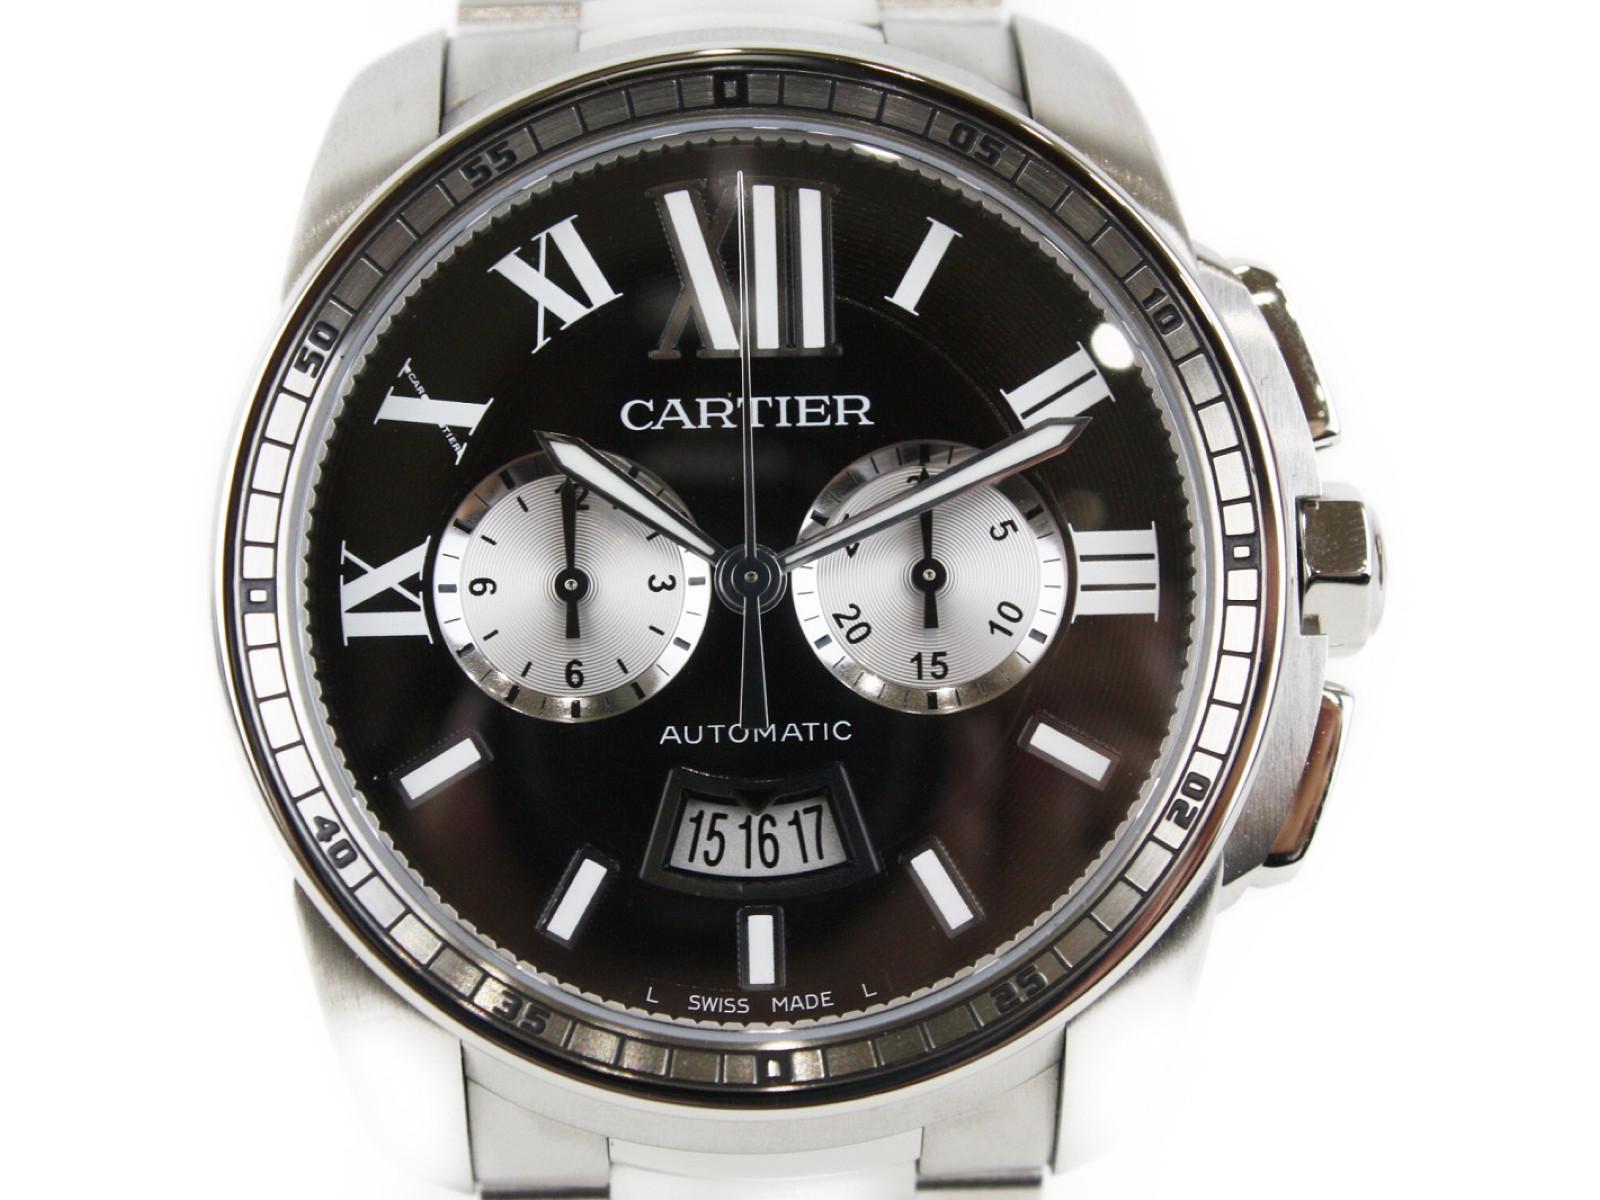 CARTIER カルティエ カリブル クロノグラフ W7100061 シースルーバッグ 42mm 自動巻き 100M防水 【中古】